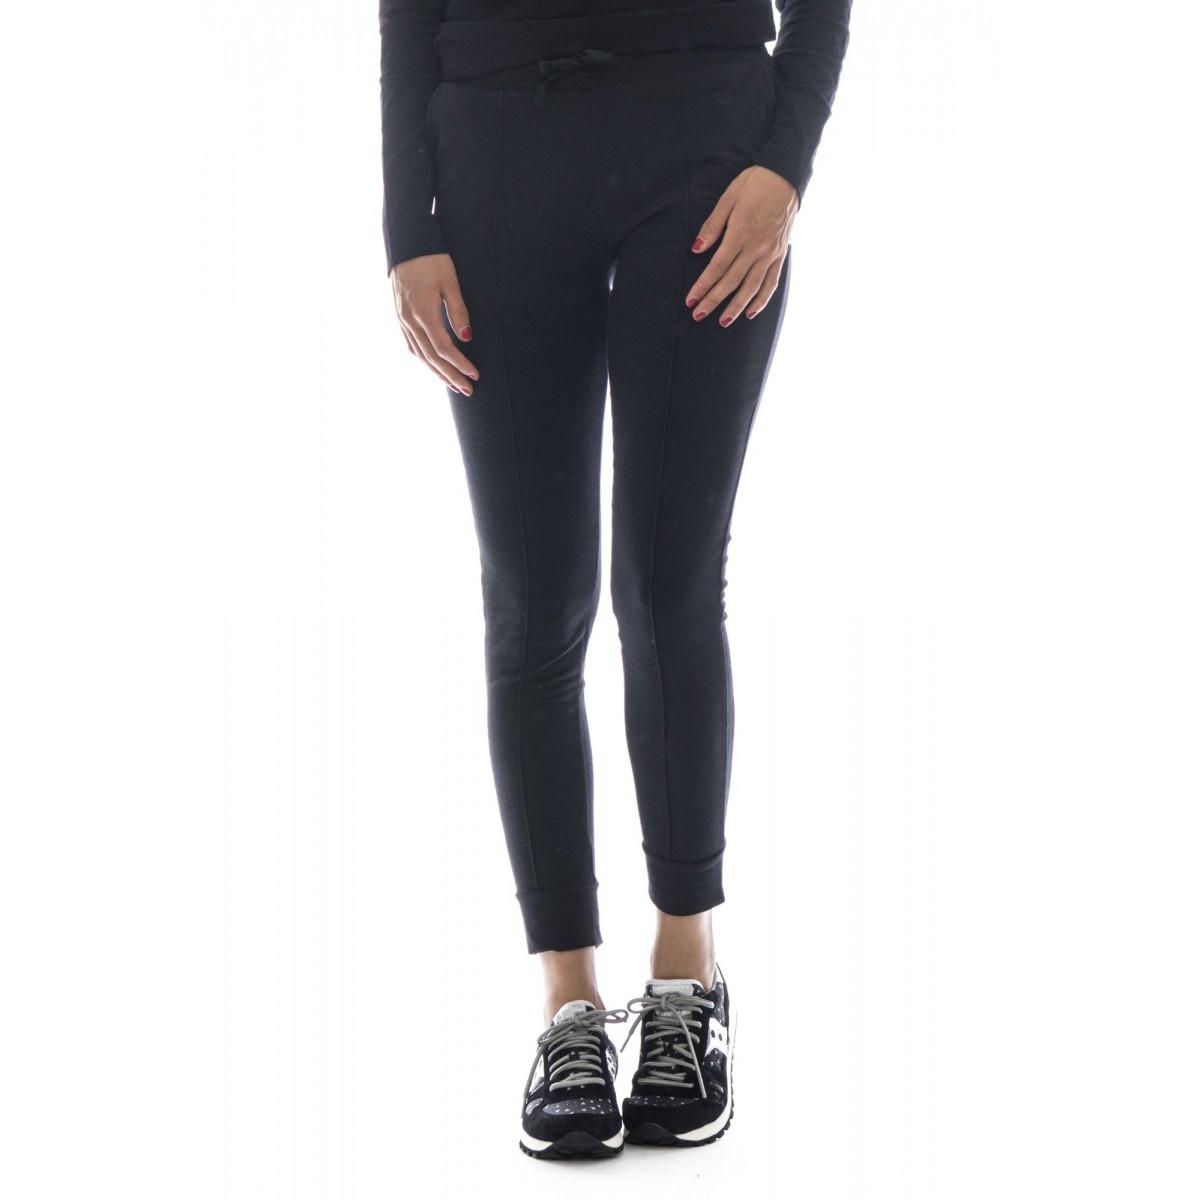 Pantalone donna - 4563d34 pantalone zip leggins